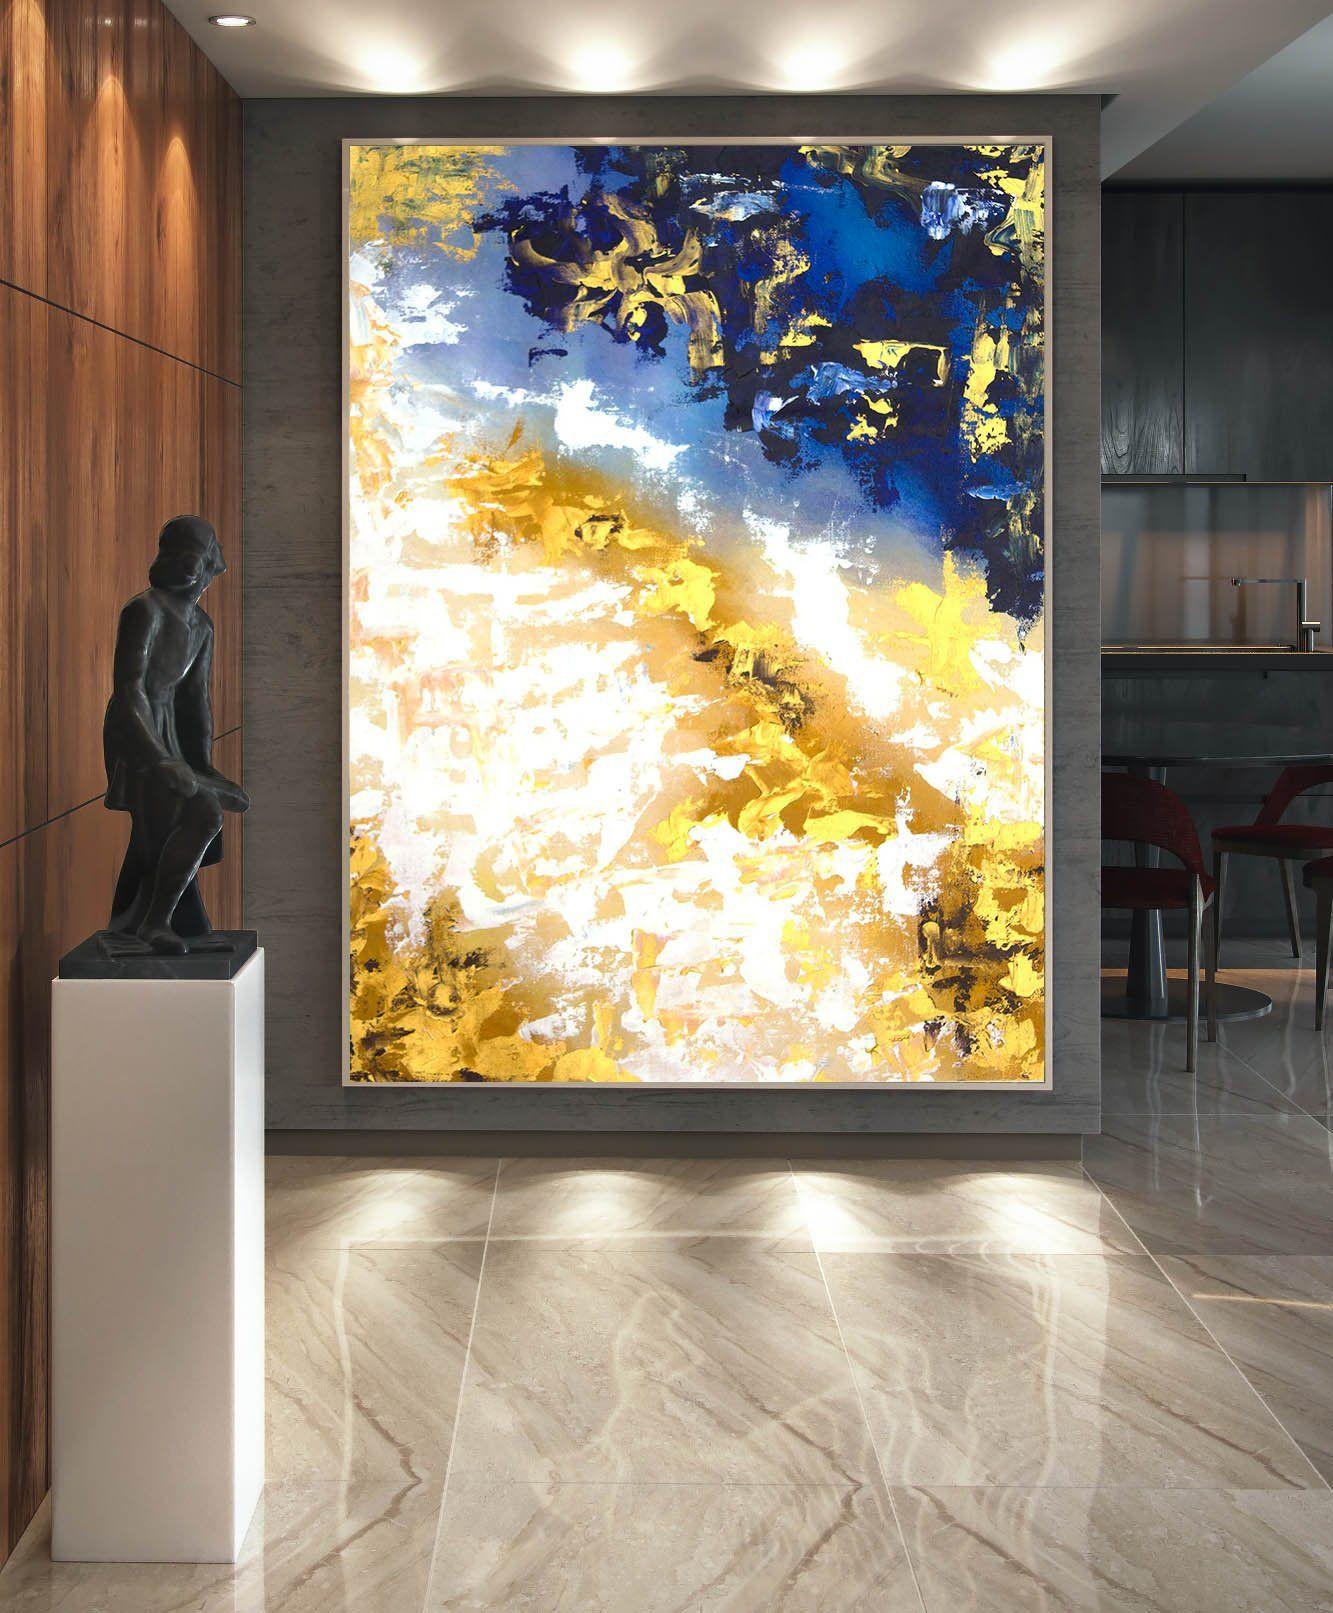 45x80cm Tableaux pour la Mur Motif Moderne prete a Suspendre encadr/ée PA45x80-3615 3615 Pret a accrocher Image sur Toile D/écoration Impression sur Toile Un /él/ément